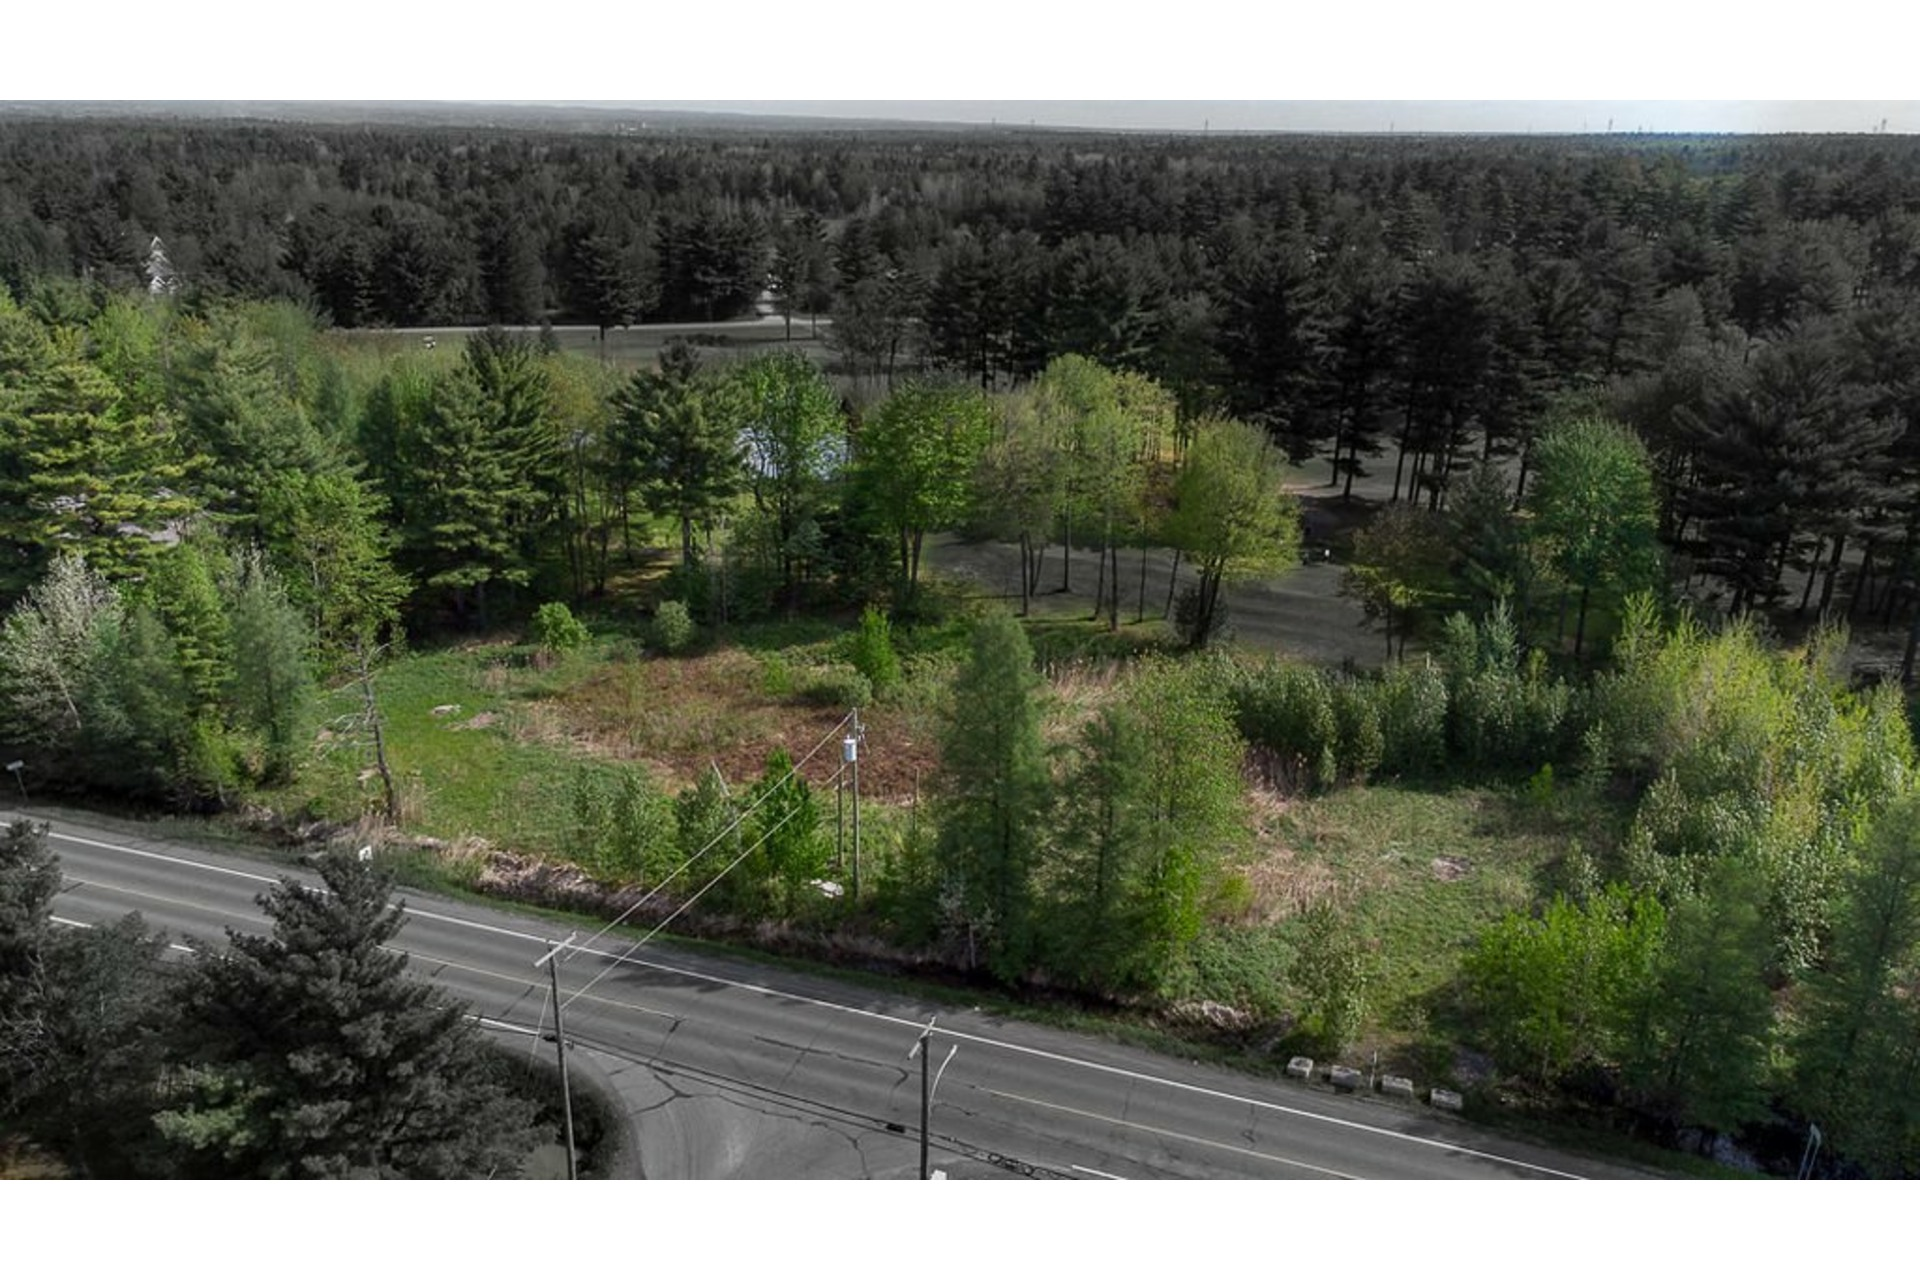 image 10 - Land For sale Sainte-Anne-des-Plaines